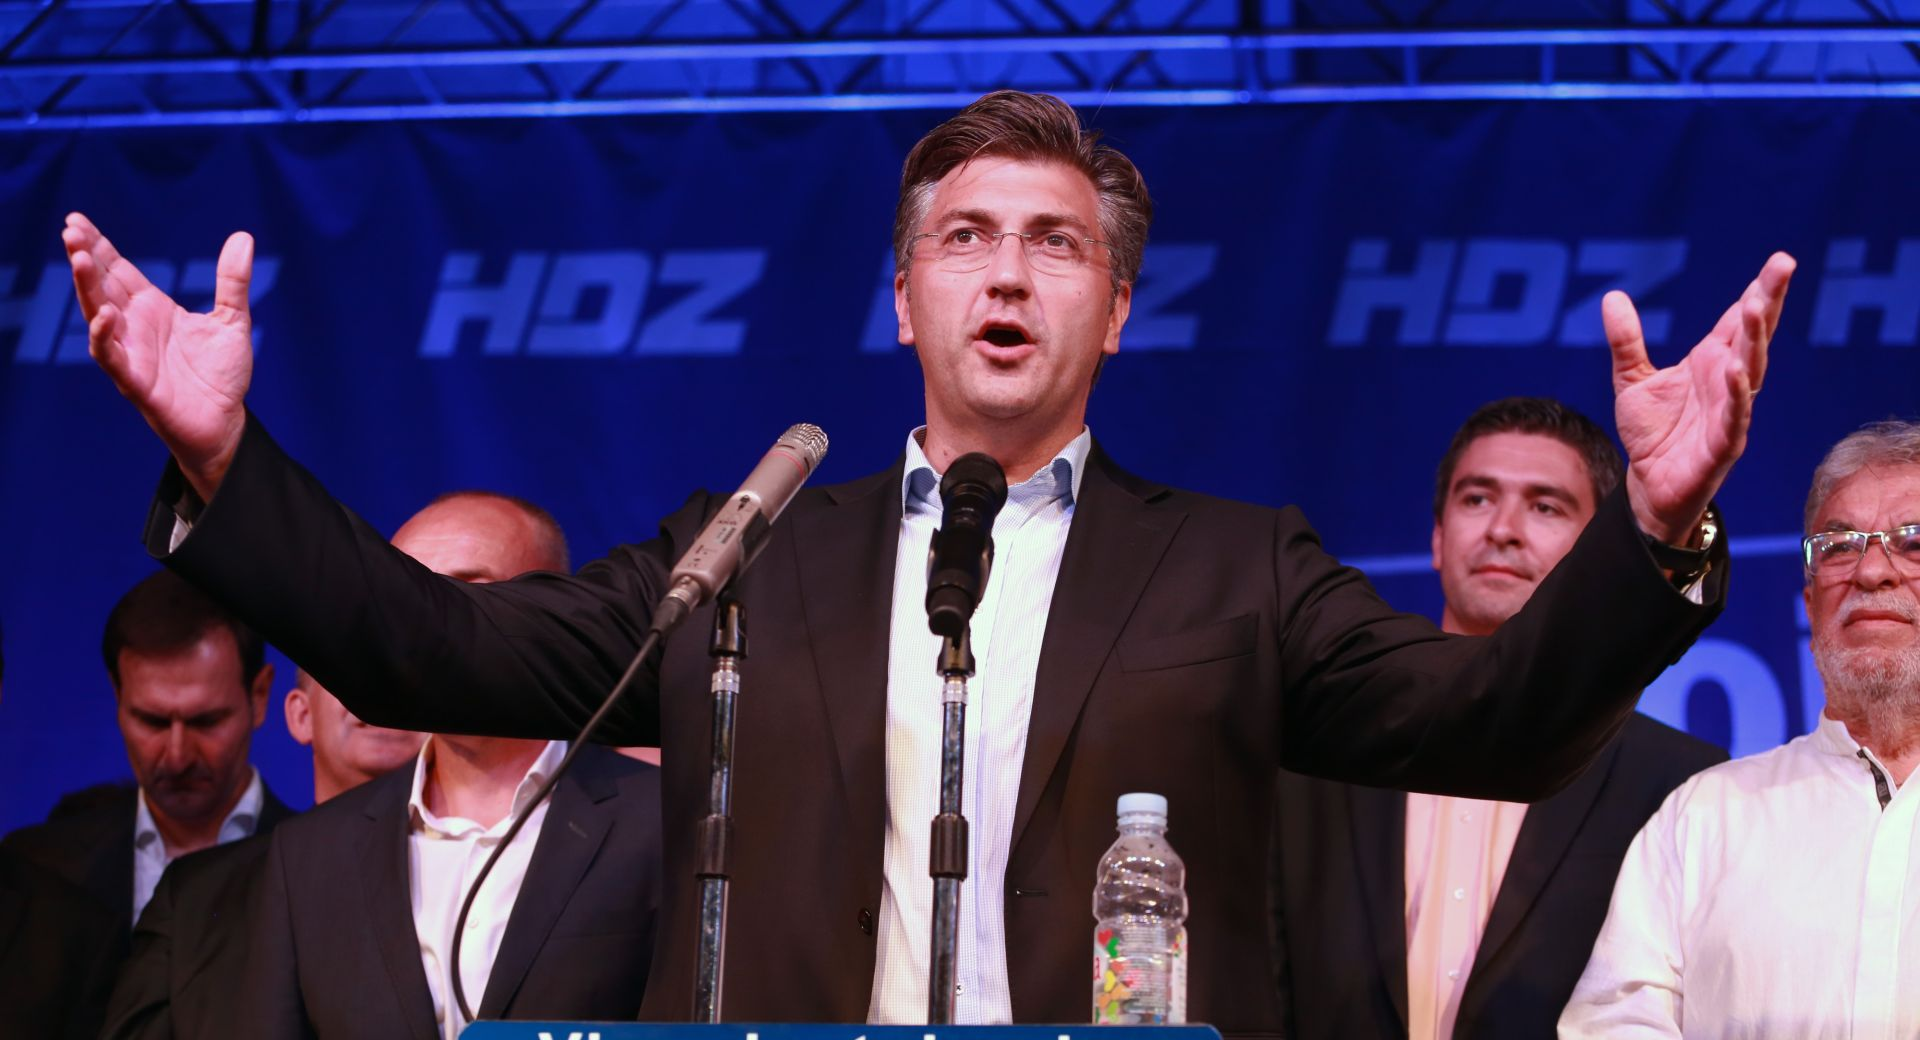 ZAVRŠNI SKUP HDZ-a Plenković: Nakon parlamentarnih izbora neće biti političkih eksperimenata